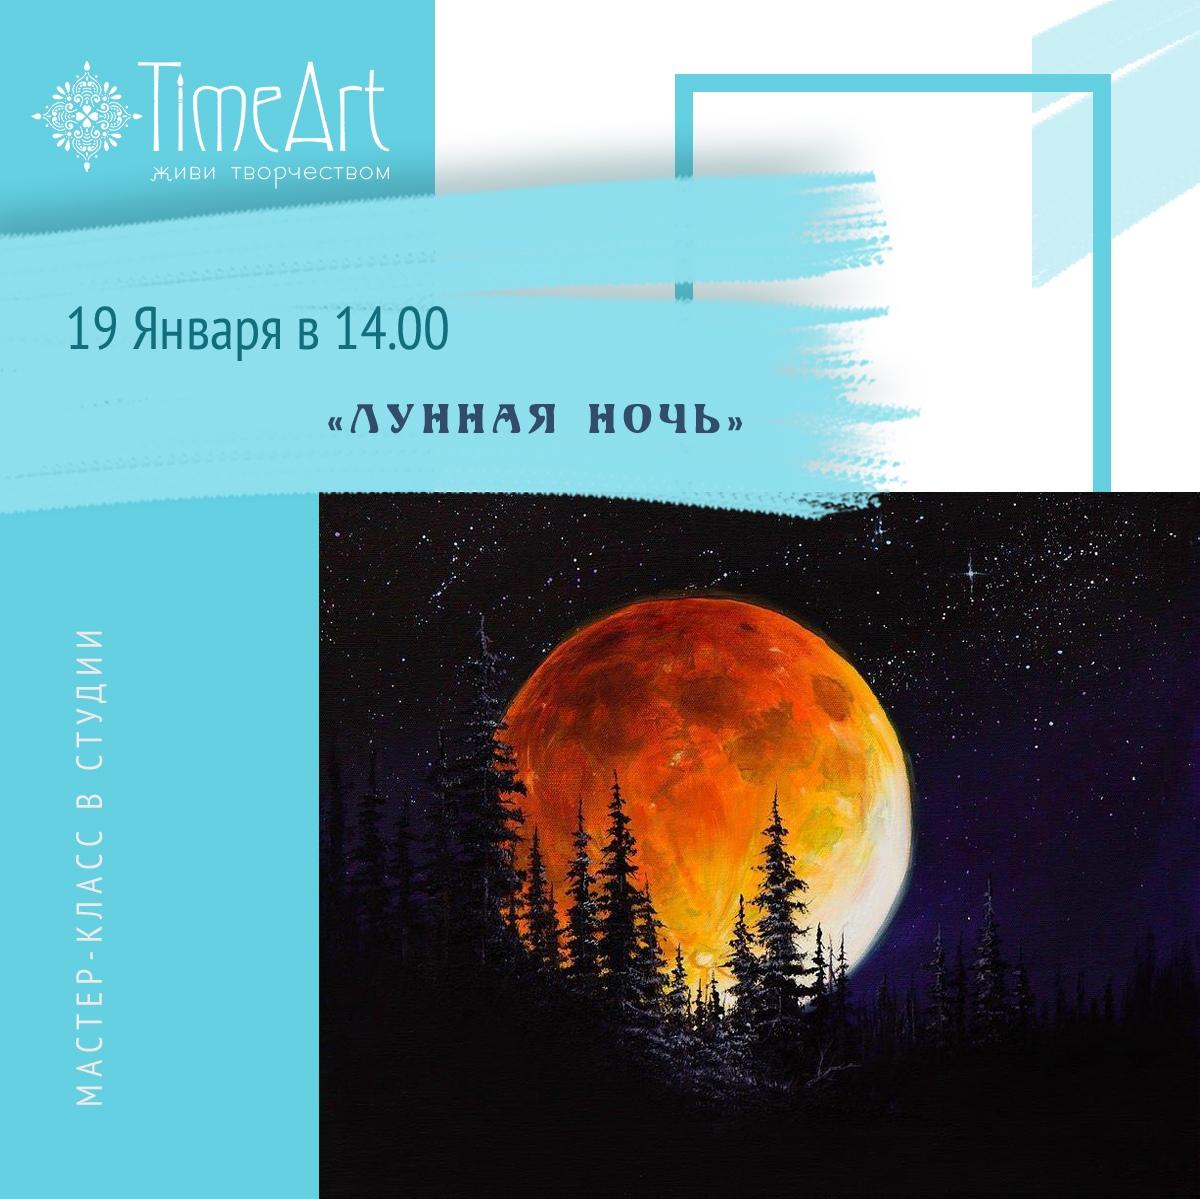 мероприятие Мастер-класс  Лунная ночь  курган афиша расписание